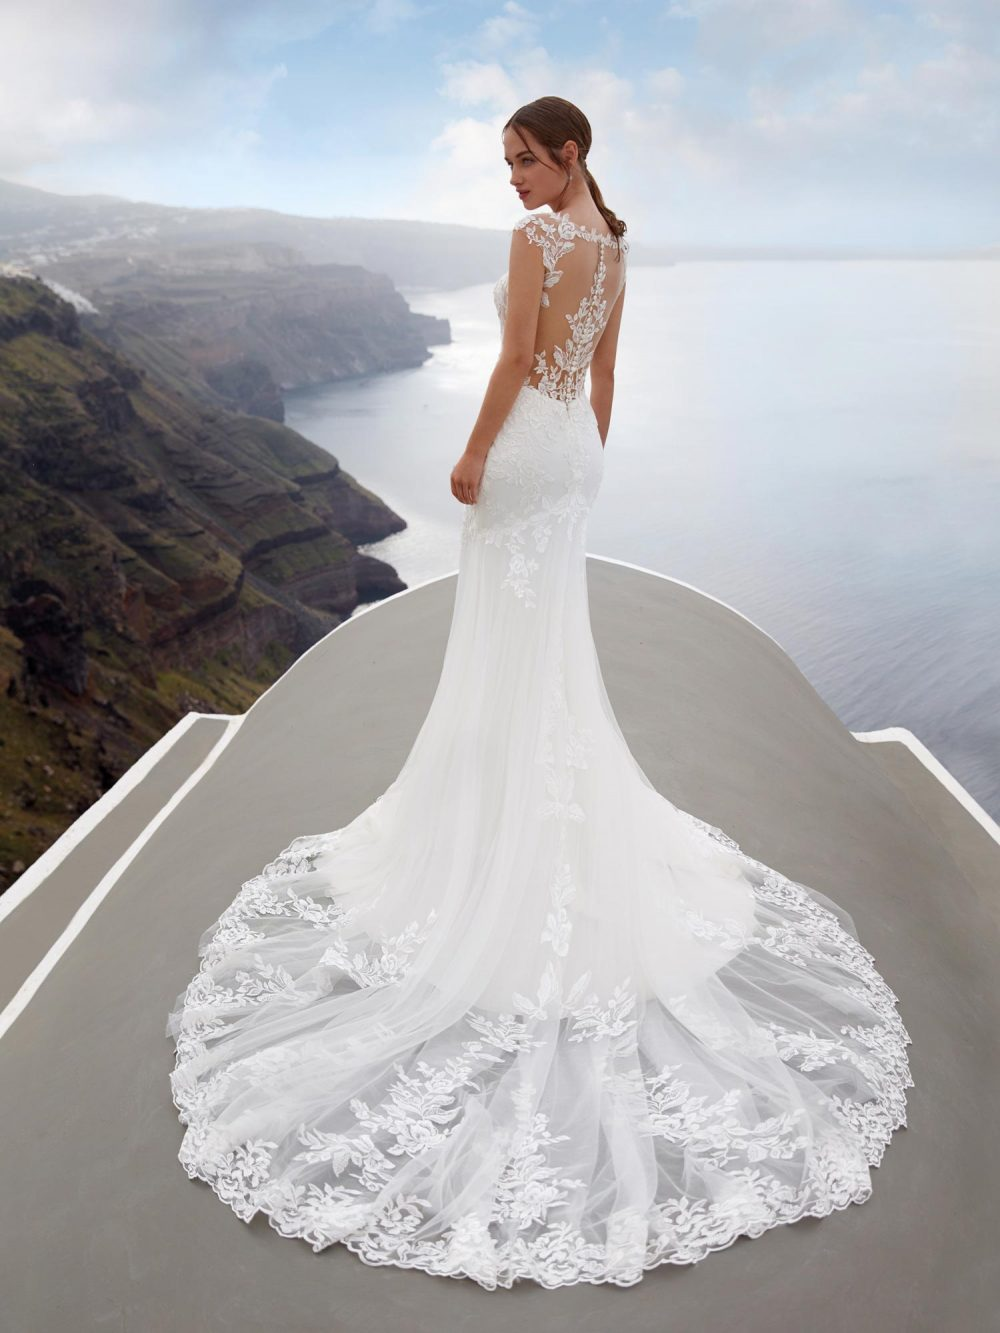 Jolies 2022 abito vestito sposa Vicenza MAIORCA